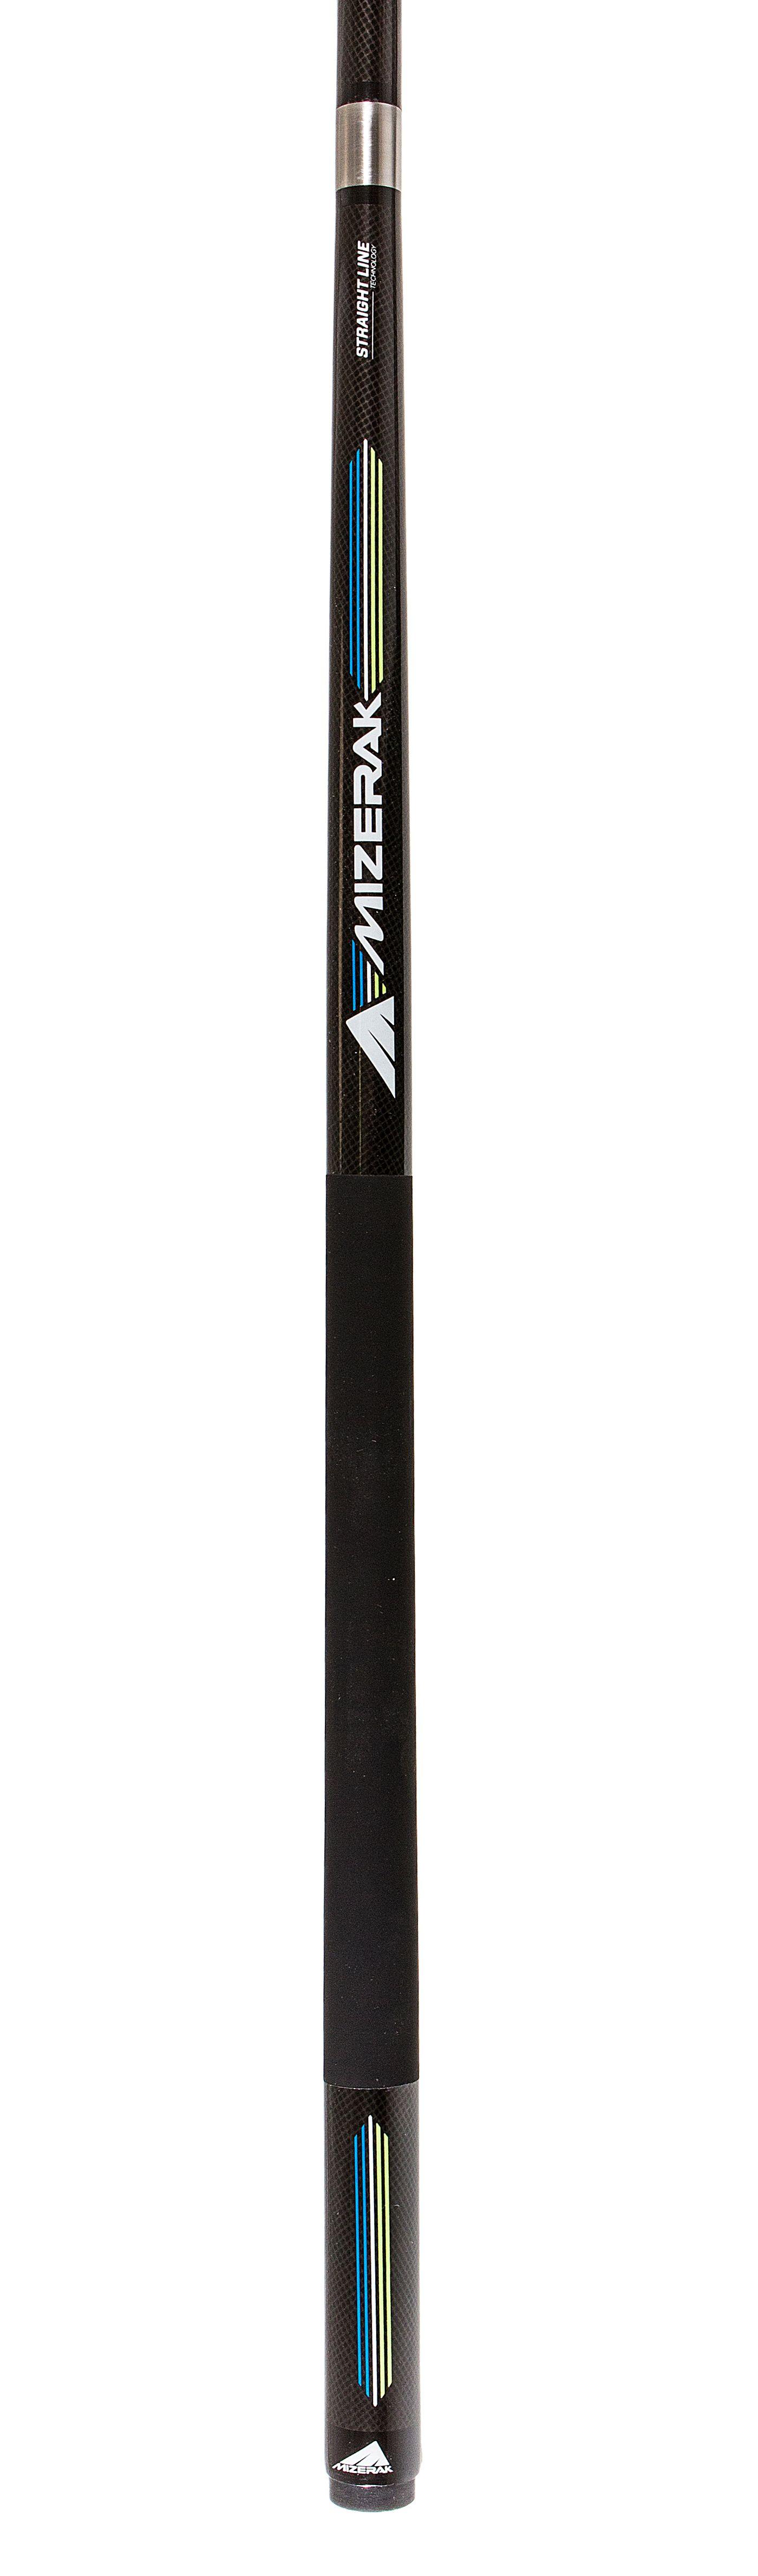 Minnesota Fats Premium Carbon Composite 3D Grip Cue